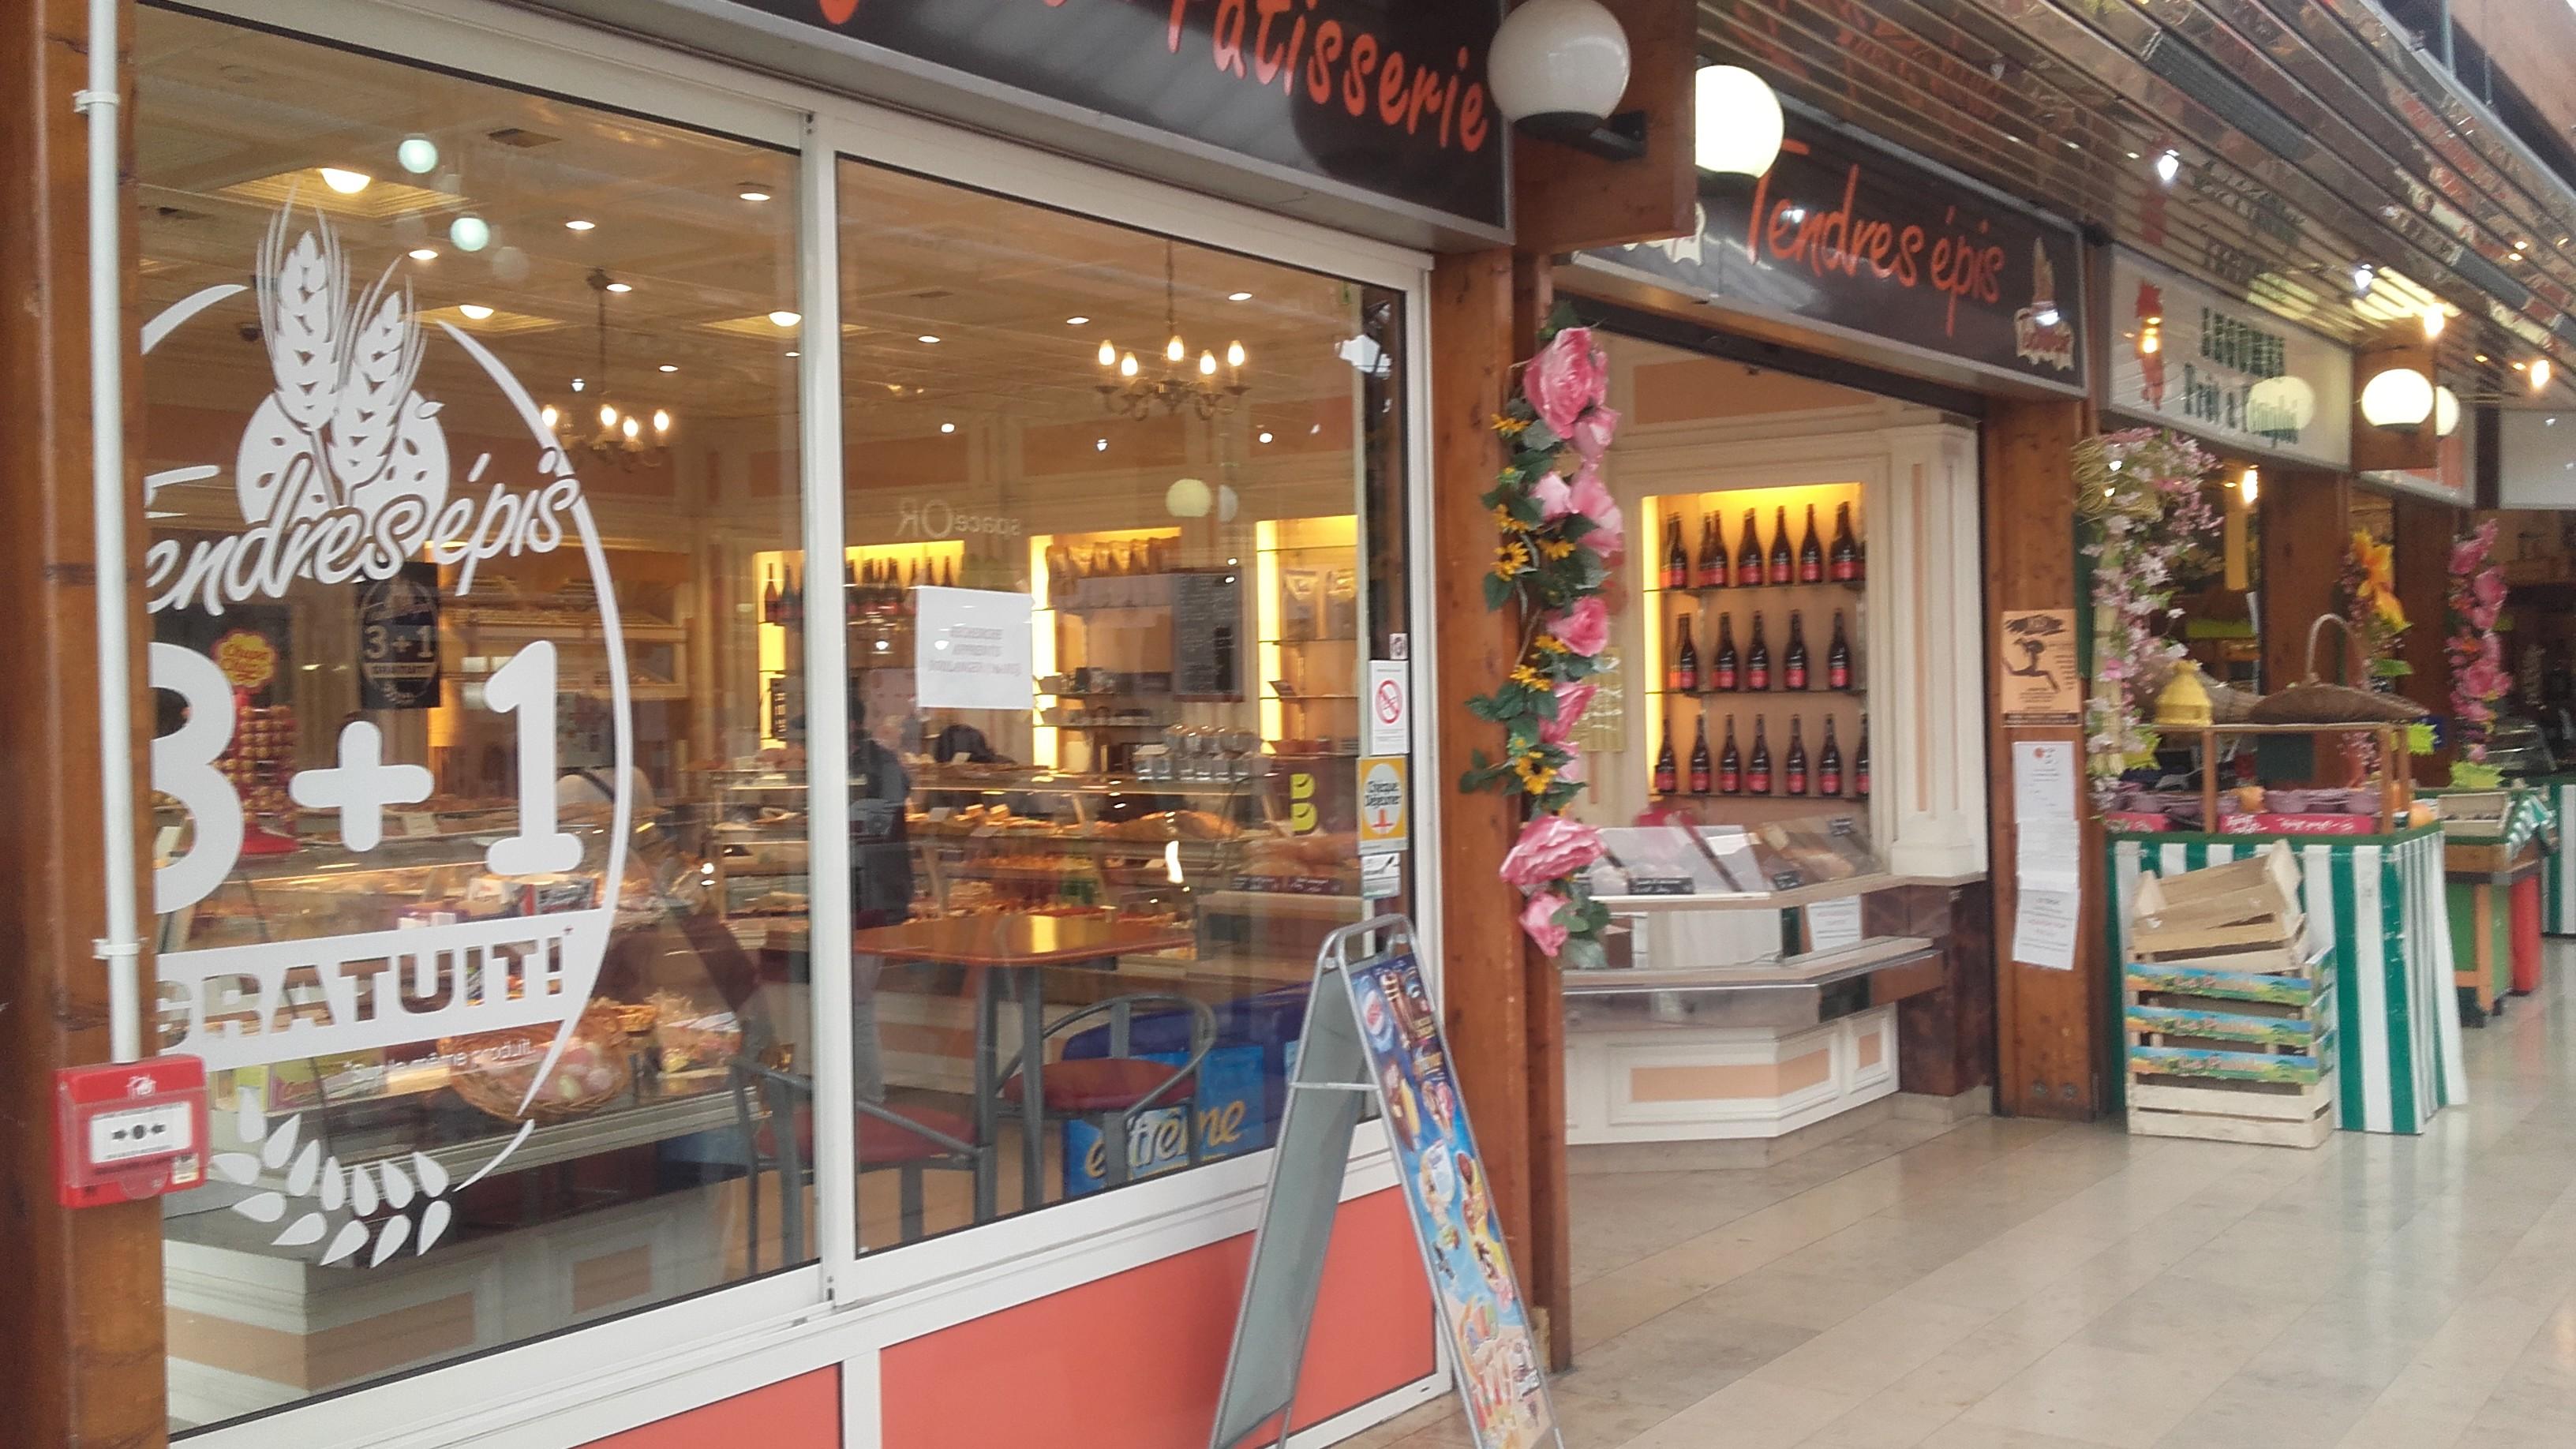 Boulangerie tendres épis au centre commercial du Val de Seine